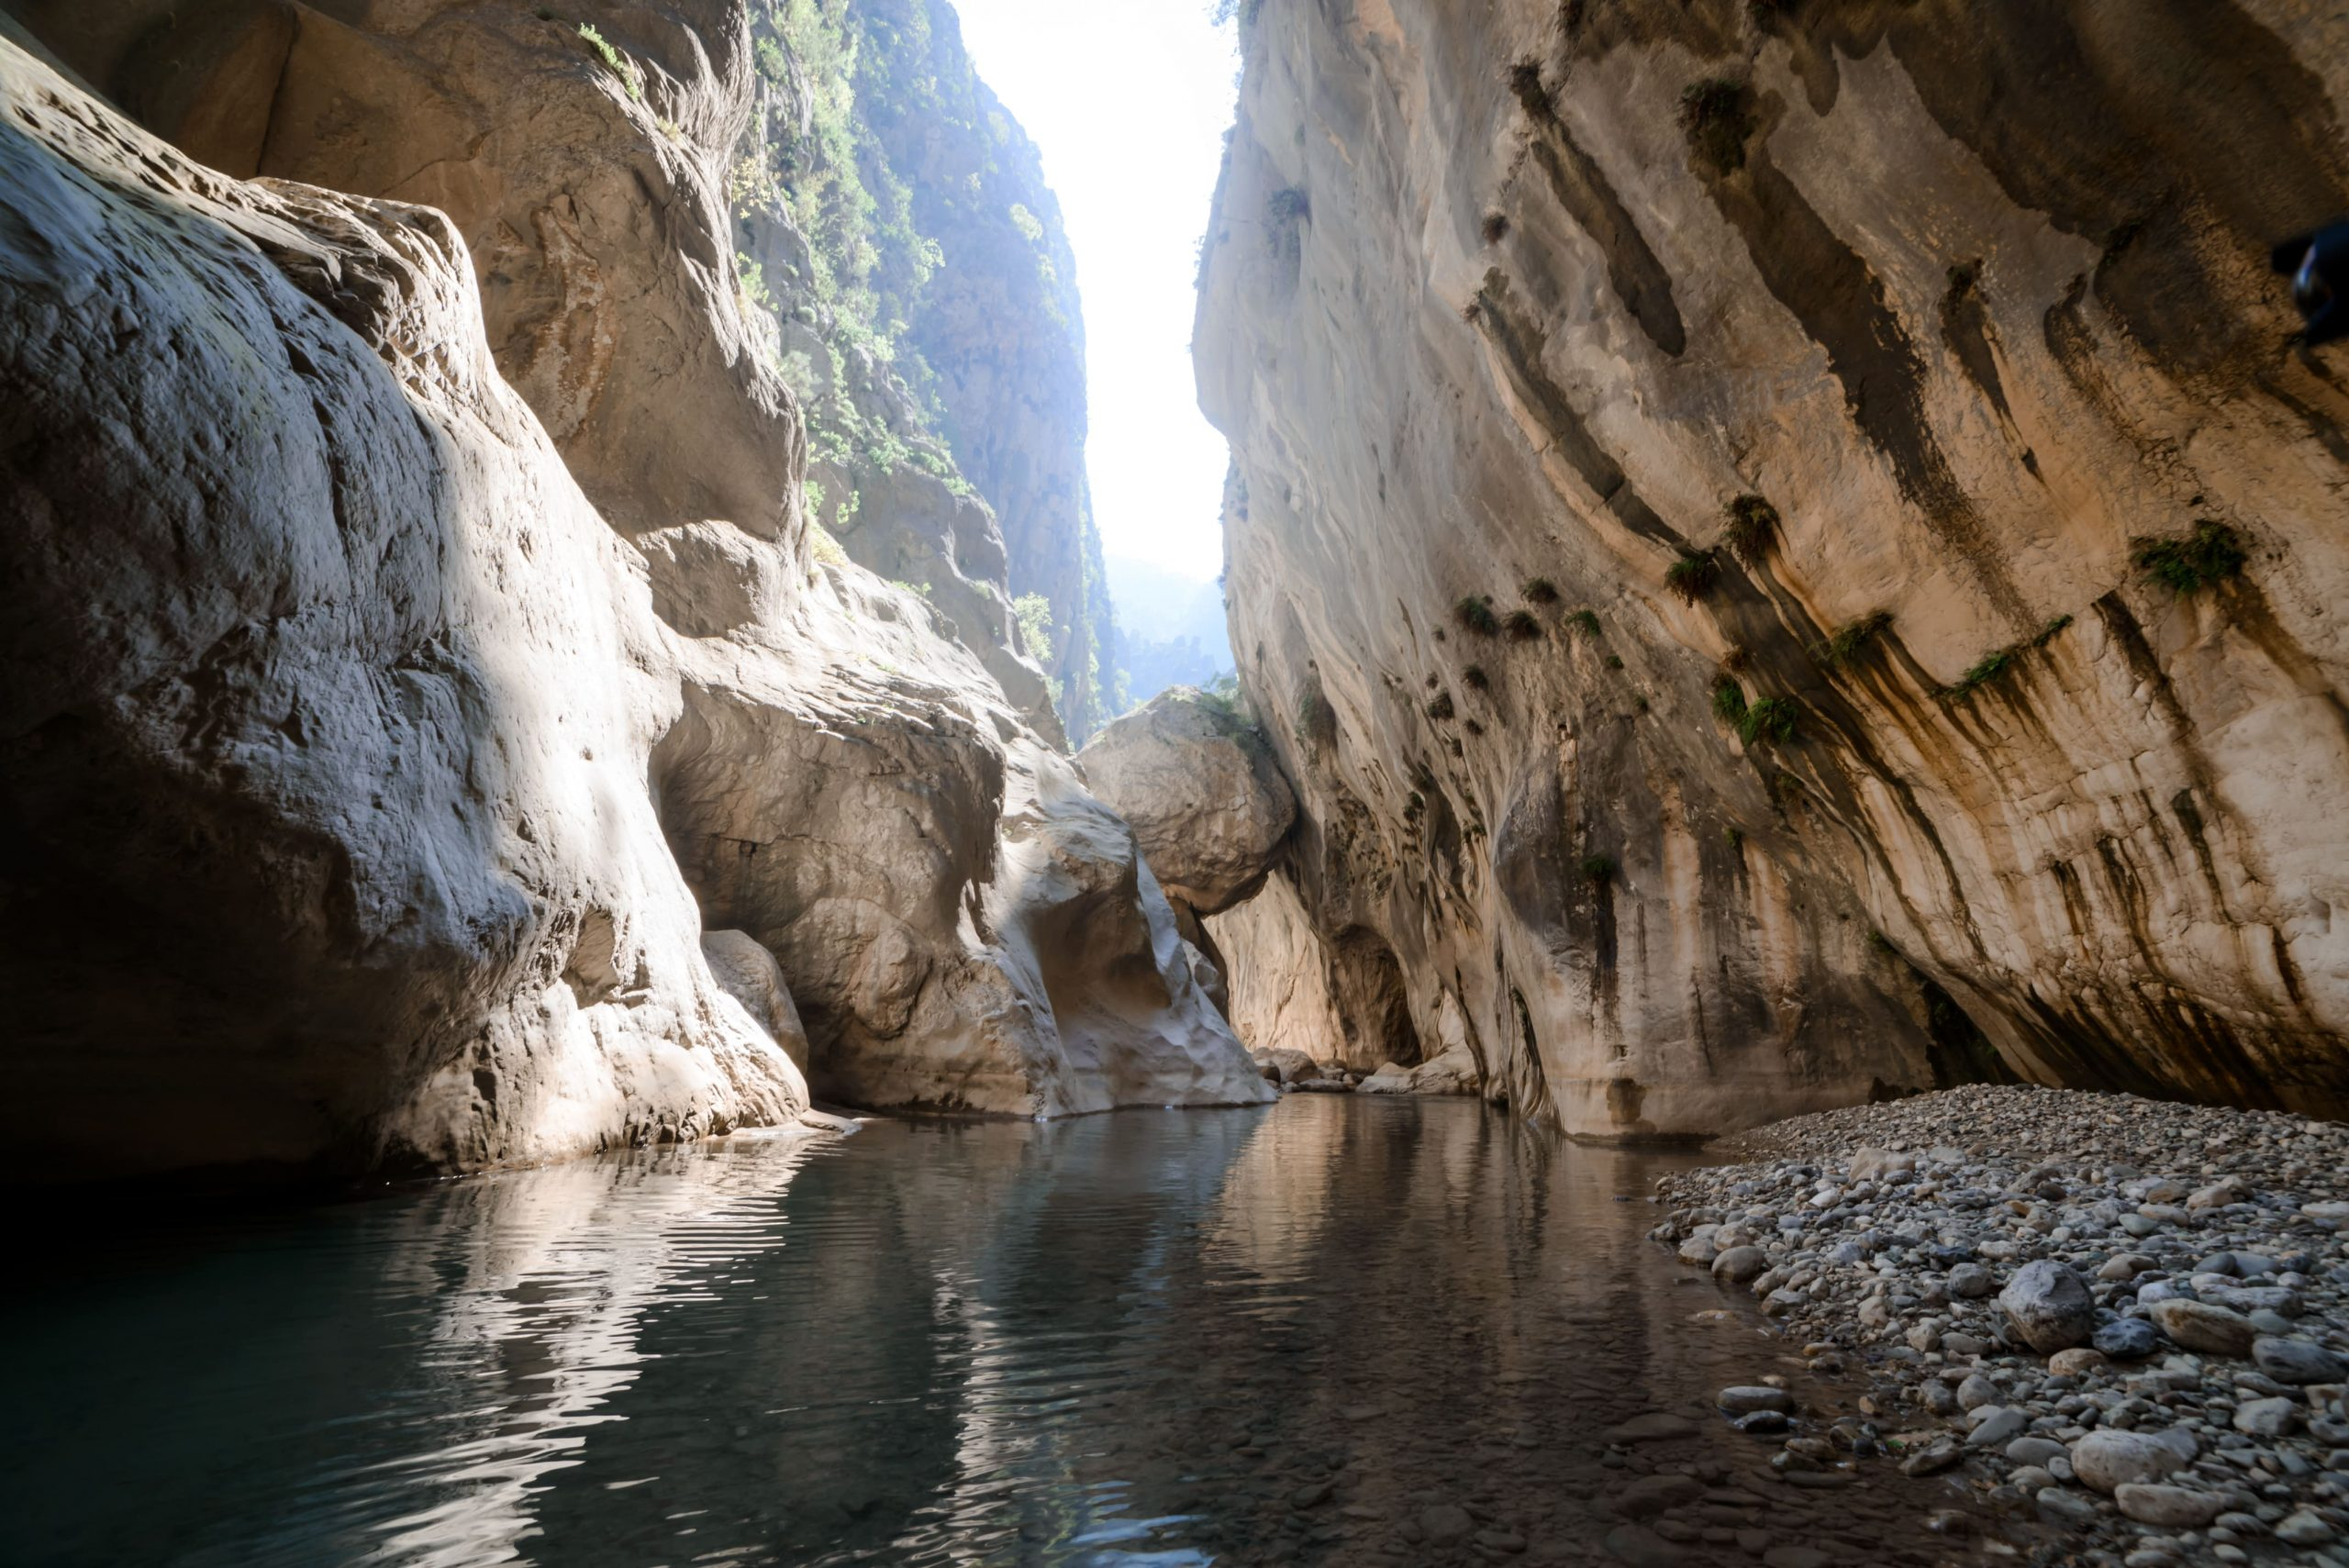 En savoir plus sur le canyoning : définitions et exemples d'activités.